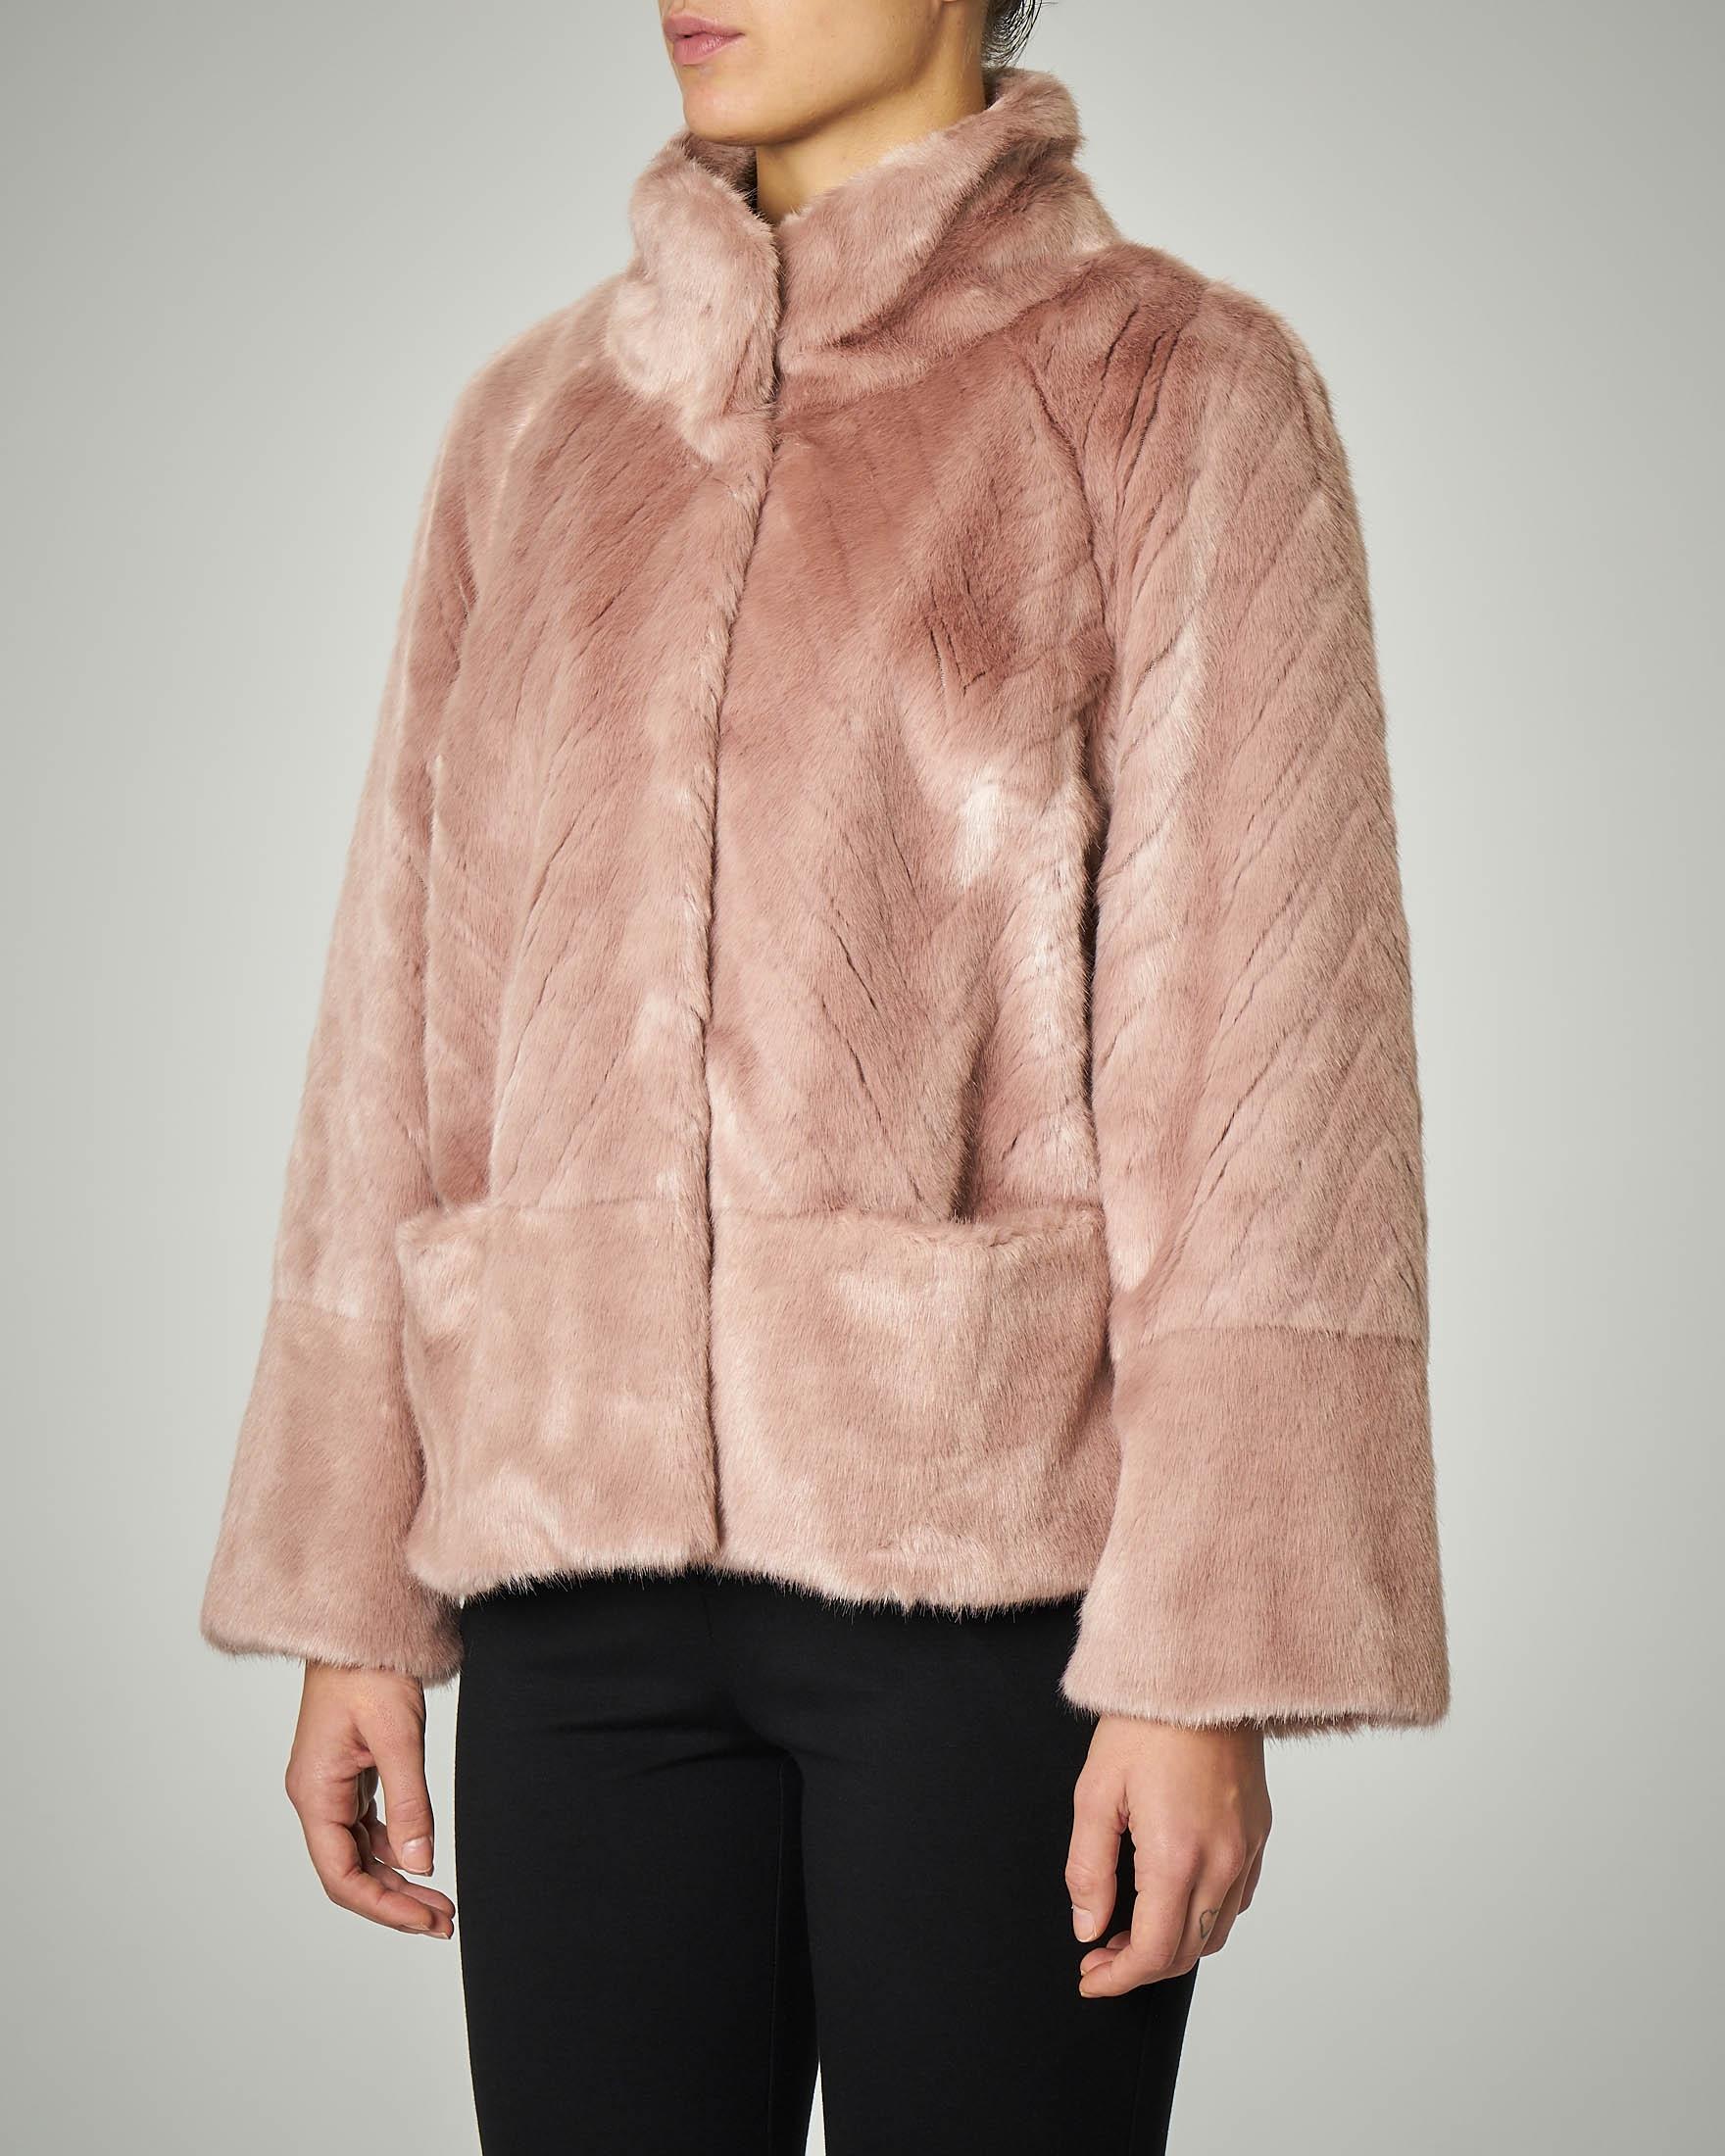 Eco pelliccia rosa con collo alto e maniche tre quarti